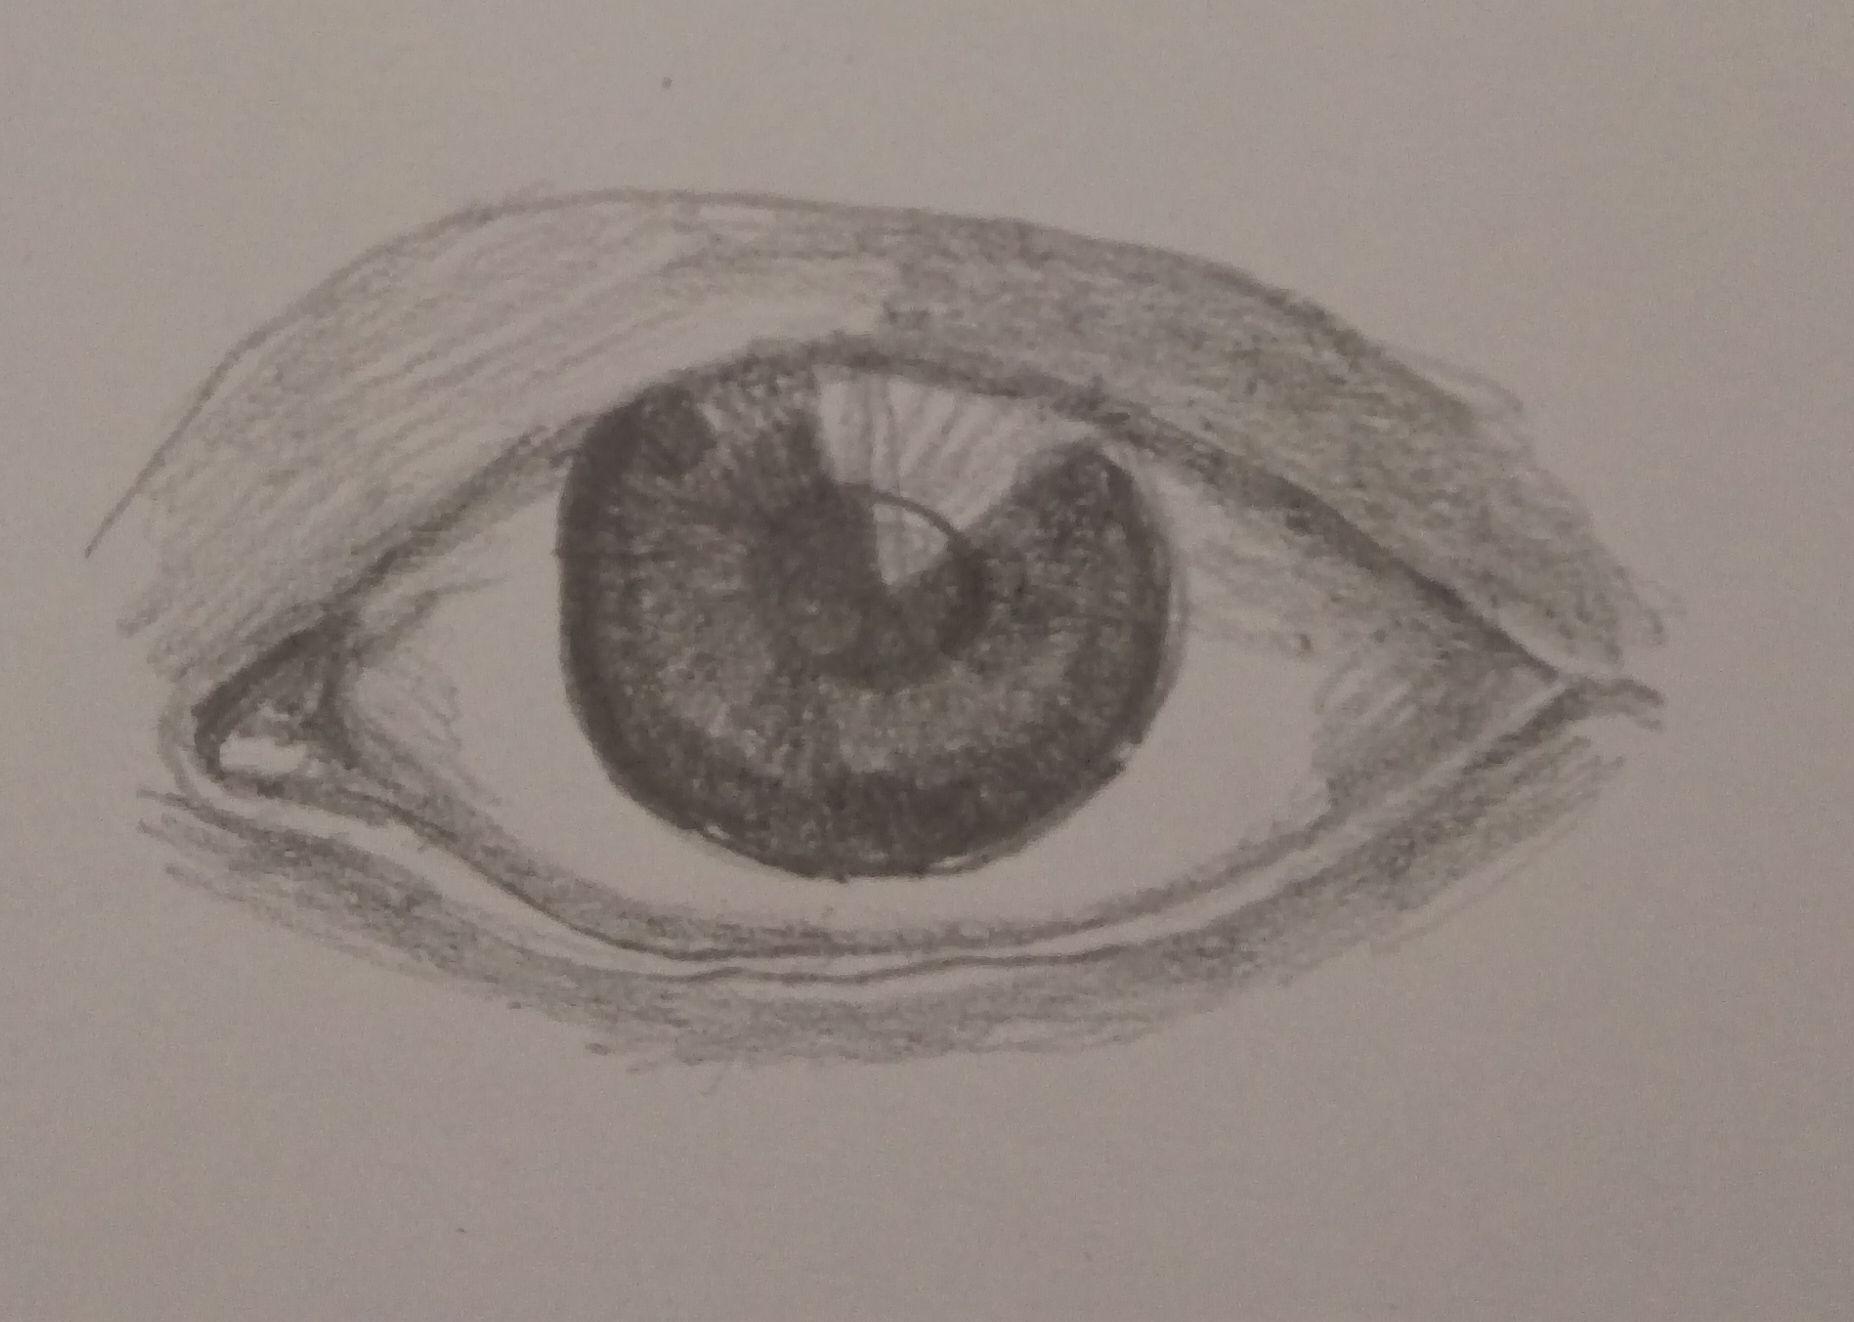 ścieranie oka